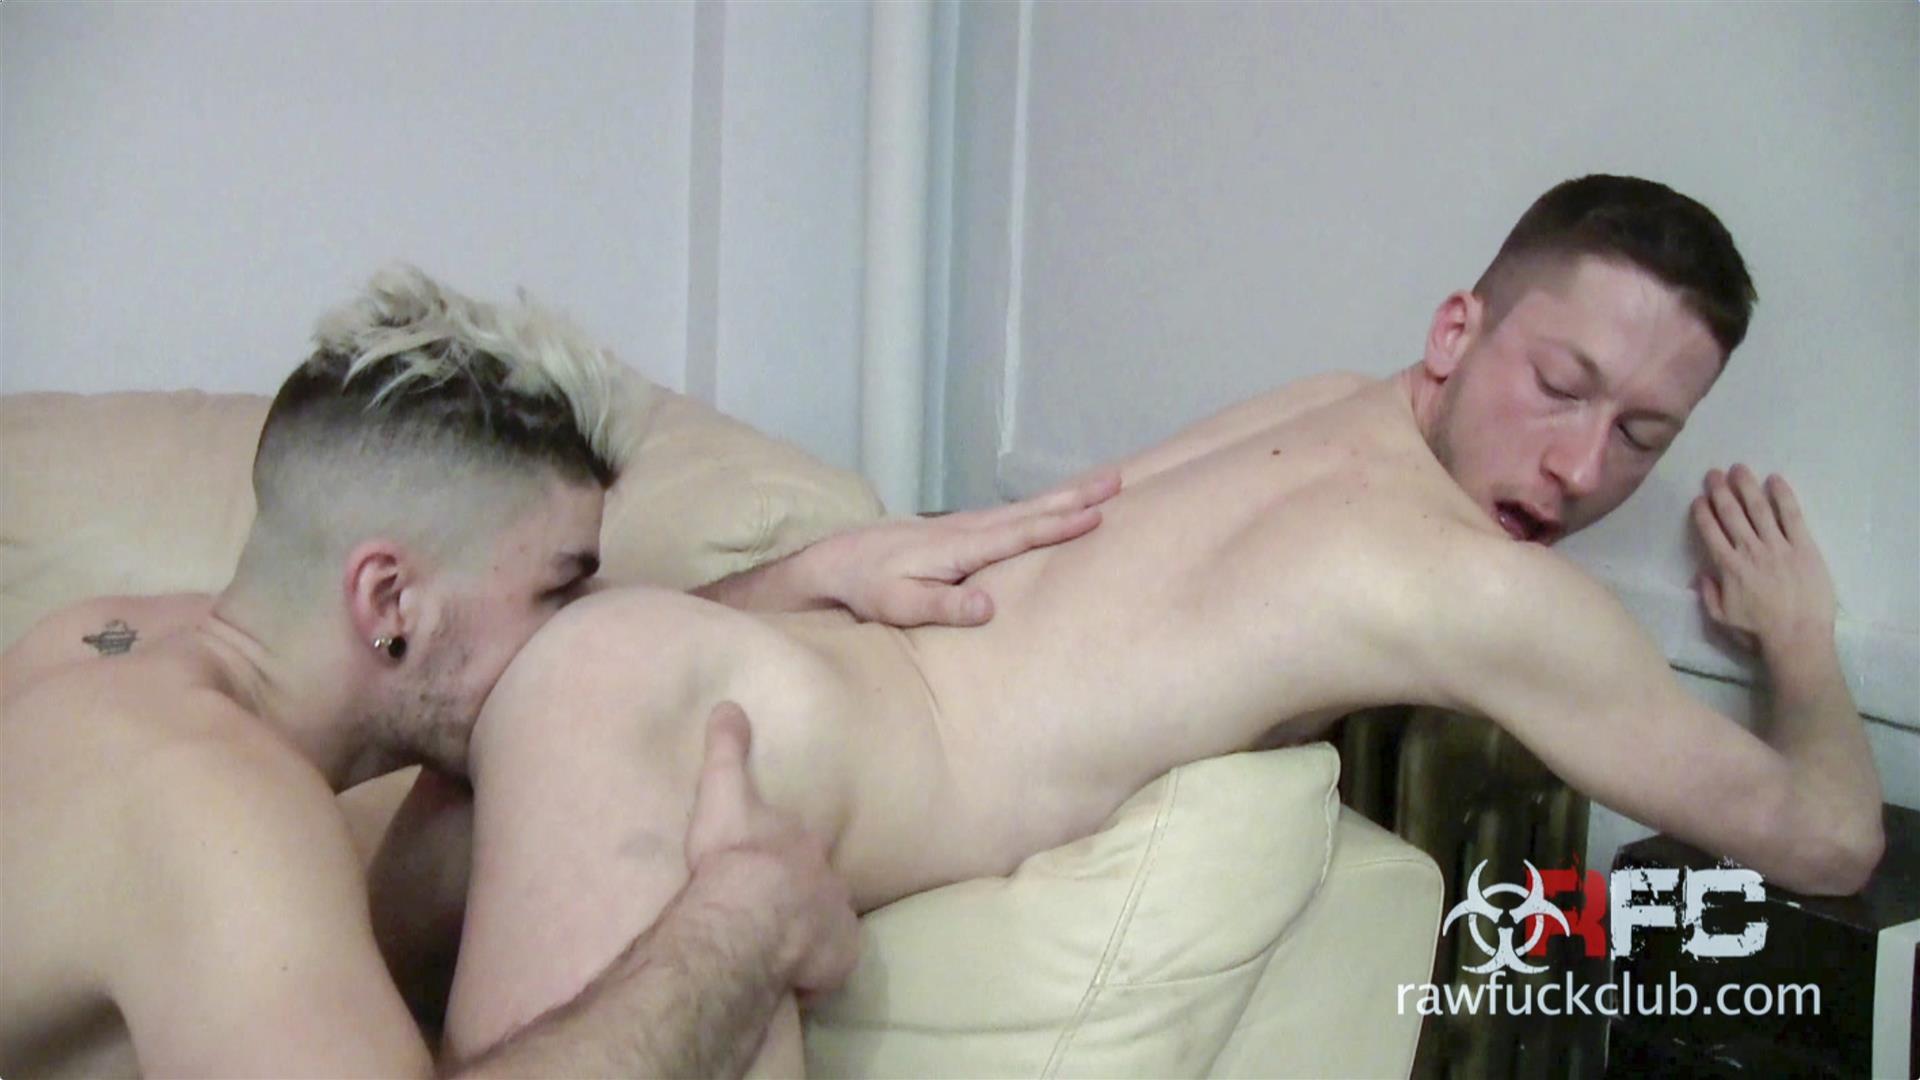 Raw-Fuck-Club-Luke-Harding-and-Vincent-Rush-Big-Cock-Guys-Barebacking-Amateur-Gay-Porn-07 Male Stripper Luke Harding Barebacking A Stranger